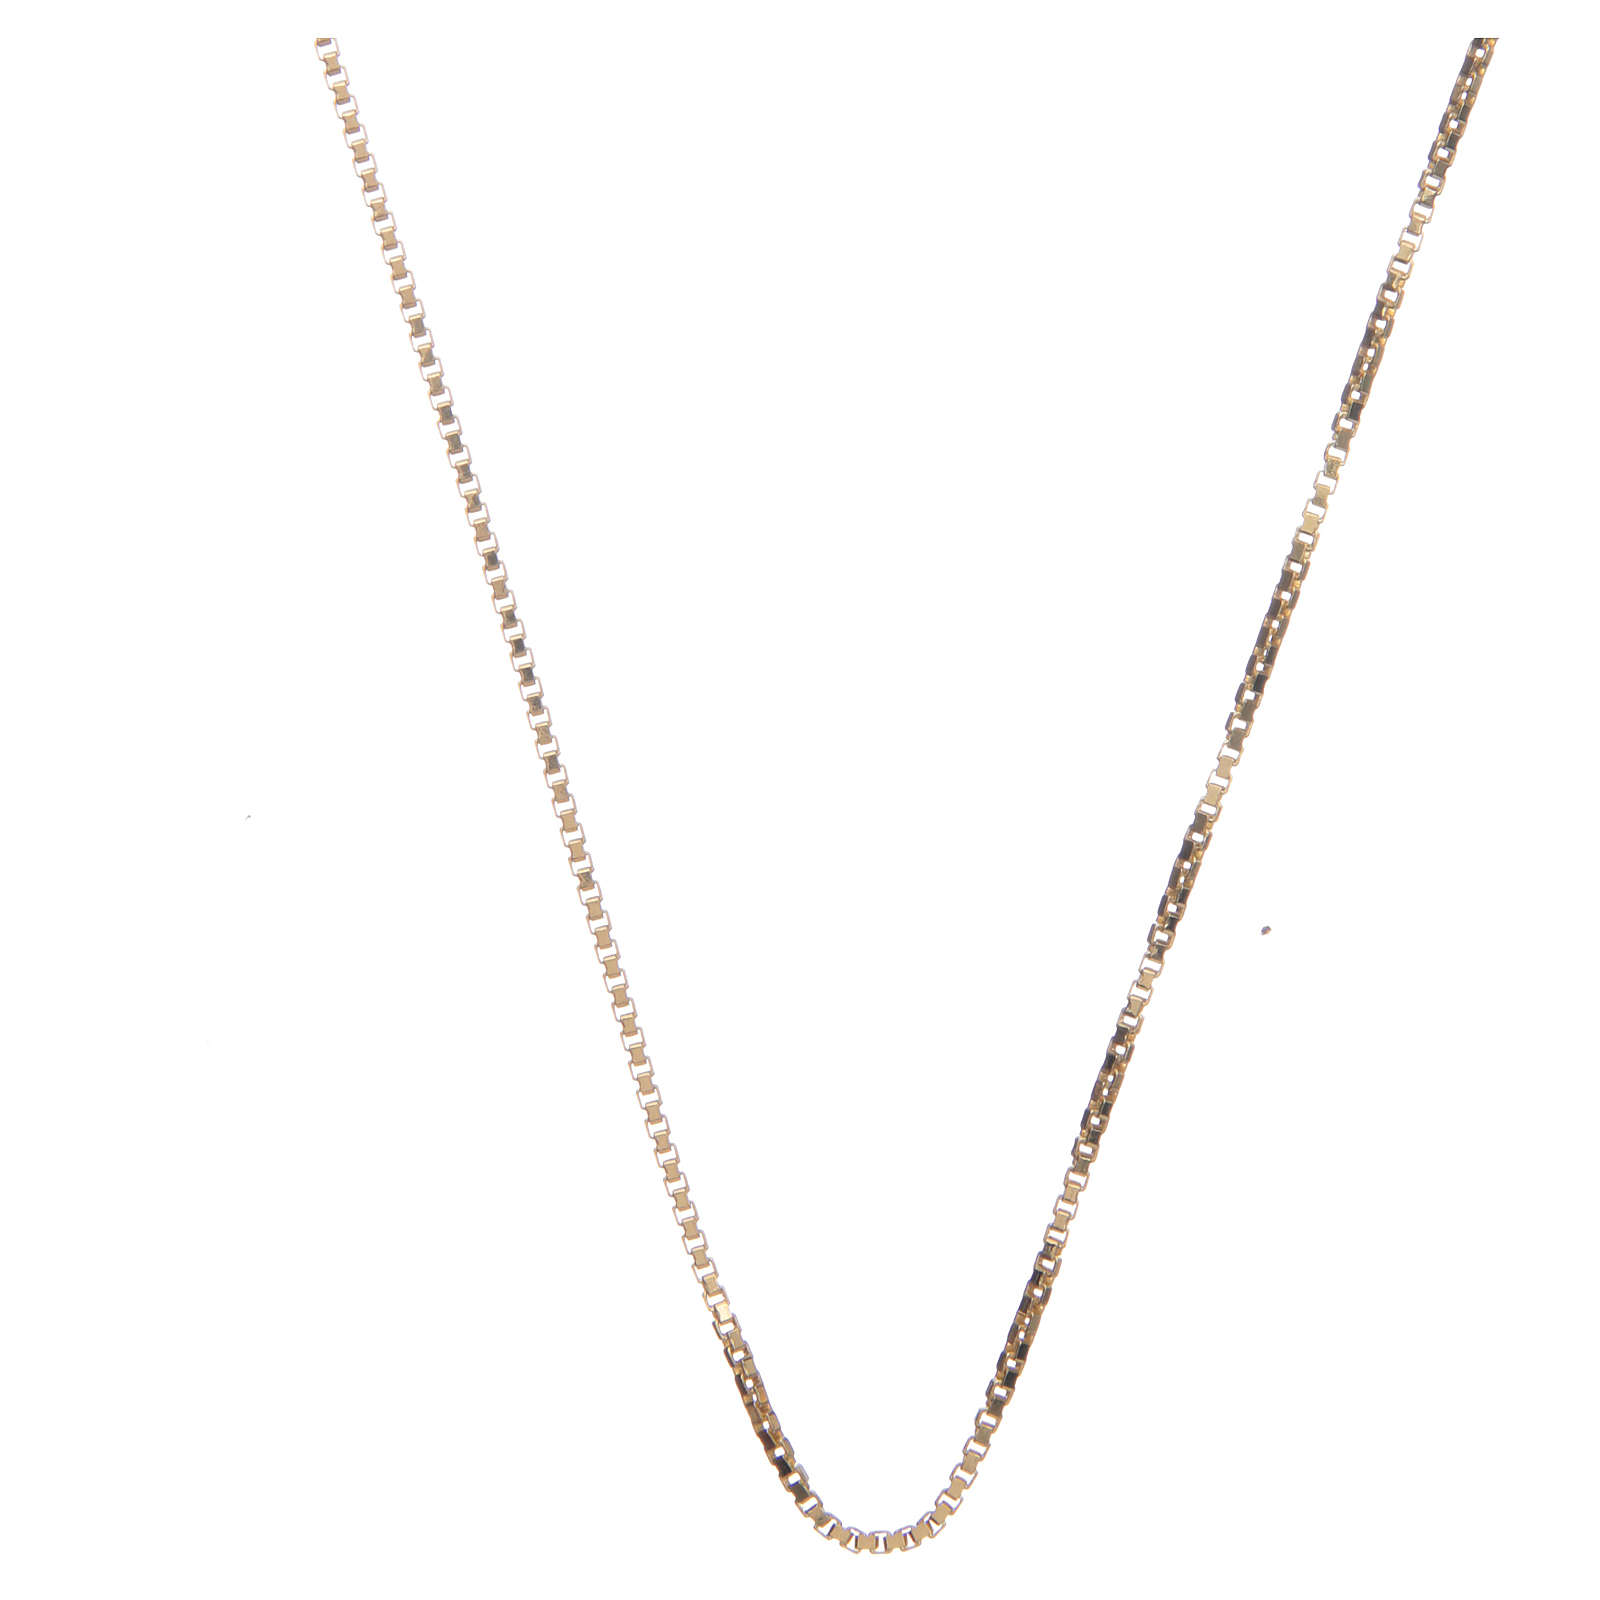 Chaîne vénitienne argent 925 doré longueur 60 cm 4